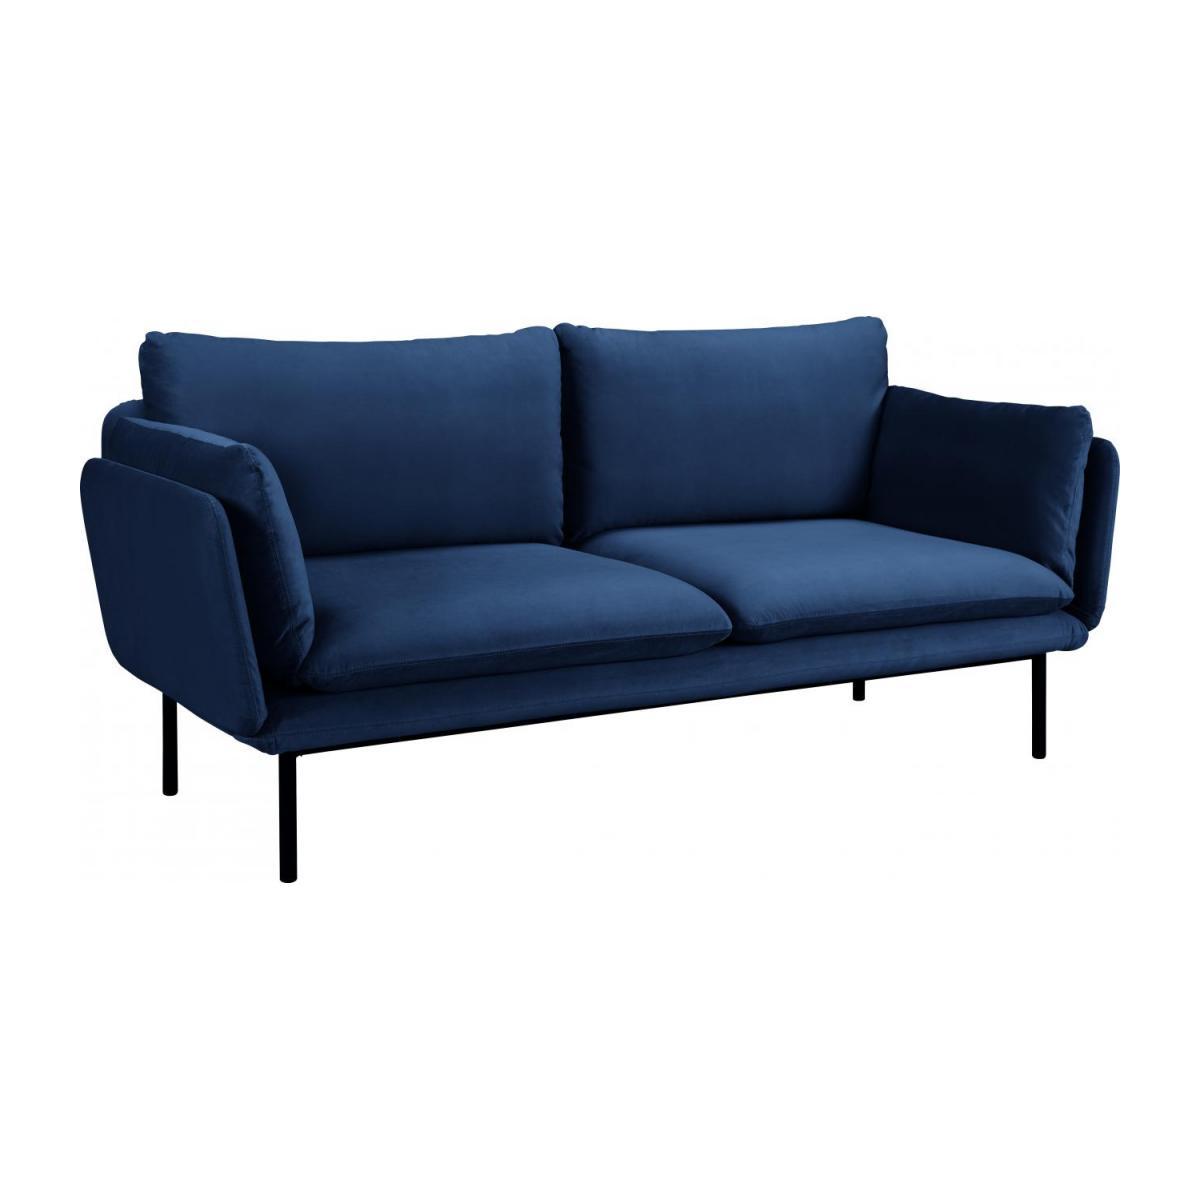 Full Size of Riva 3 Sitzer Sofa Aus Samt Marineblau Habitat Polyrattan Mit Bettkasten Garnitur Teilig Big Grau Kleines Wohnzimmer Xxxl Karup Poco Tom Tailor Hülsta Xxl Sofa Sofa Samt